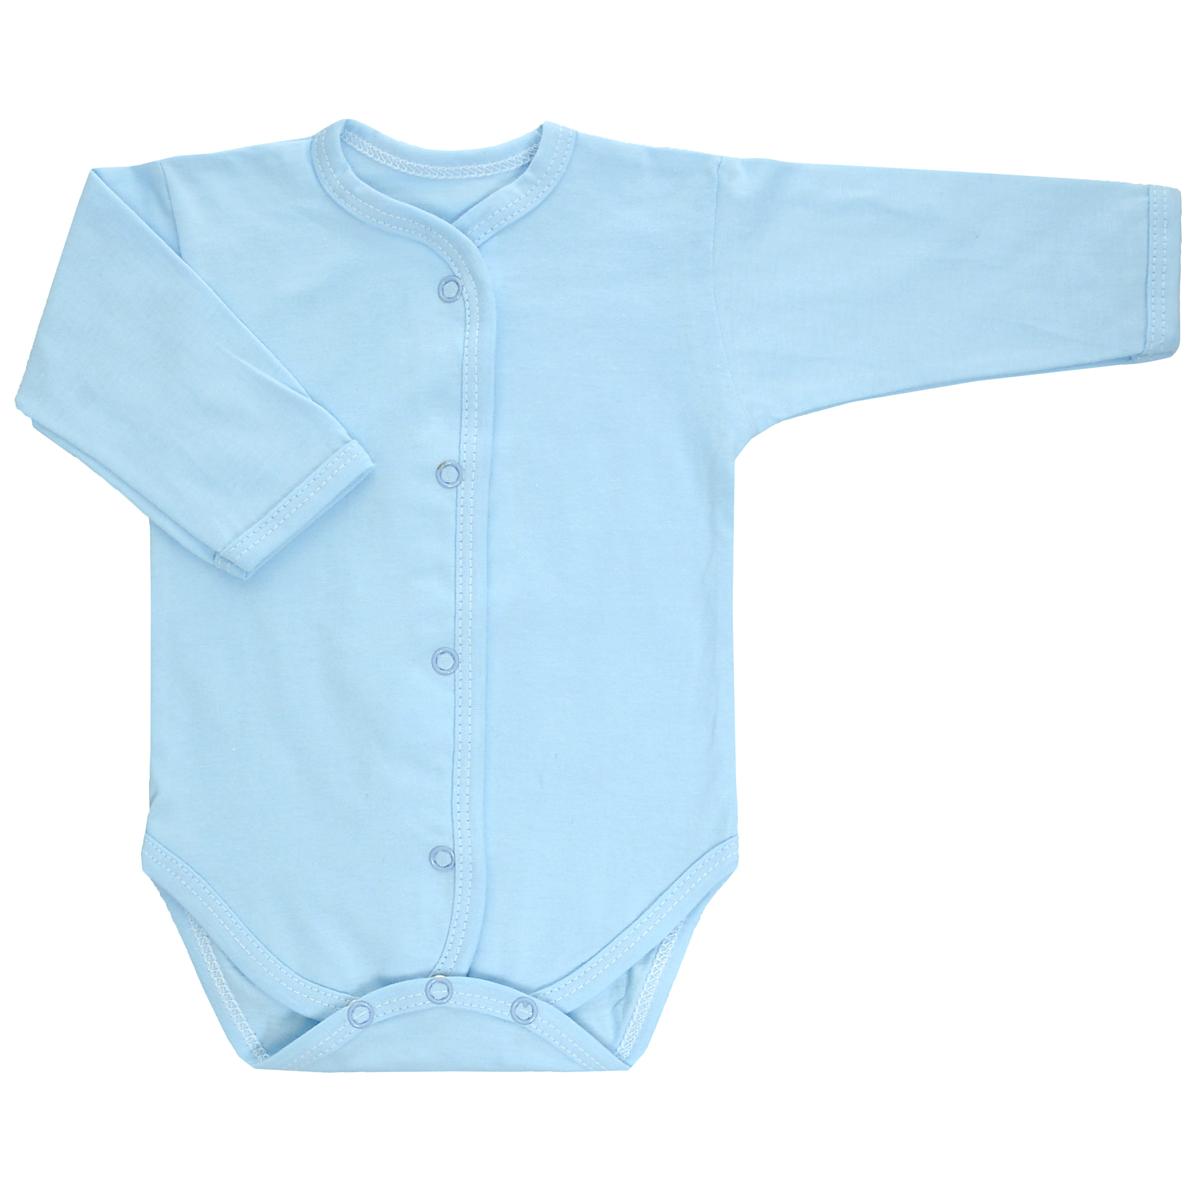 Боди детское Трон-Плюс, цвет: голубой. 5866. Размер 68, 6 месяцев5866Детское боди Трон-плюс с длинными рукавами послужит идеальным дополнением к гардеробу ребенка, обеспечивая ему наибольший комфорт. Изготовленное из кулирного полотна - натурального хлопка, оно необычайно мягкое и легкое, не раздражает нежную кожу ребенка и хорошо вентилируется, а эластичные швы приятны телу младенца и не препятствуют его движениям.Боди с длинными рукавами имеет удобные застежки-кнопки по всей длине и на ластовице, которые помогают легко переодеть ребенка или сменить подгузник.Боди полностью соответствует особенностям жизни малыша в ранний период, не стесняя и не ограничивая его в движениях!